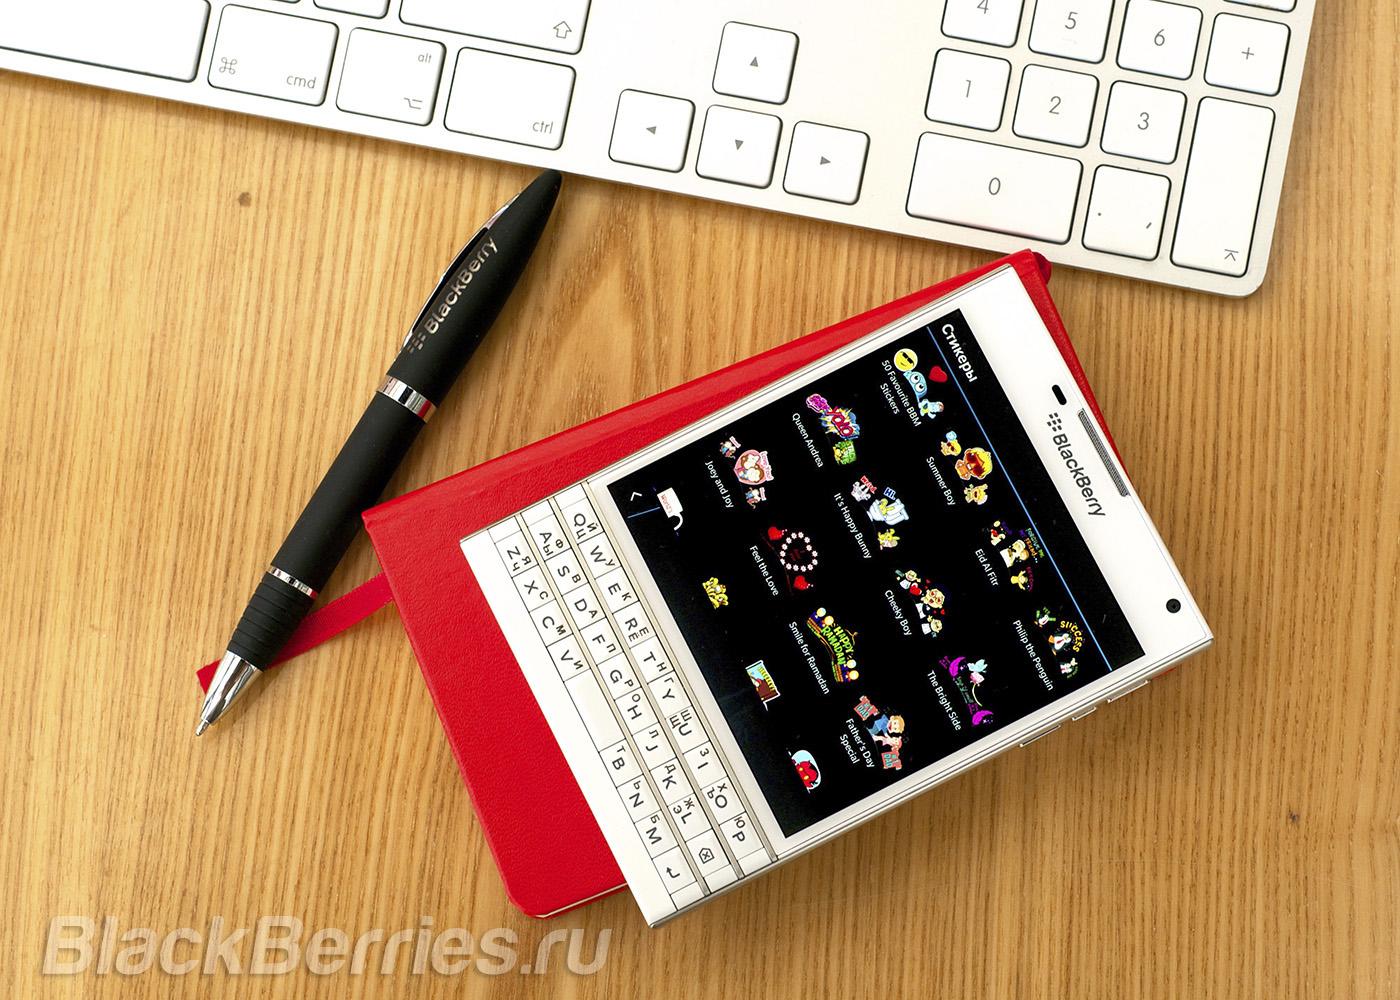 BlackBerry-Passport-App-17-07-05